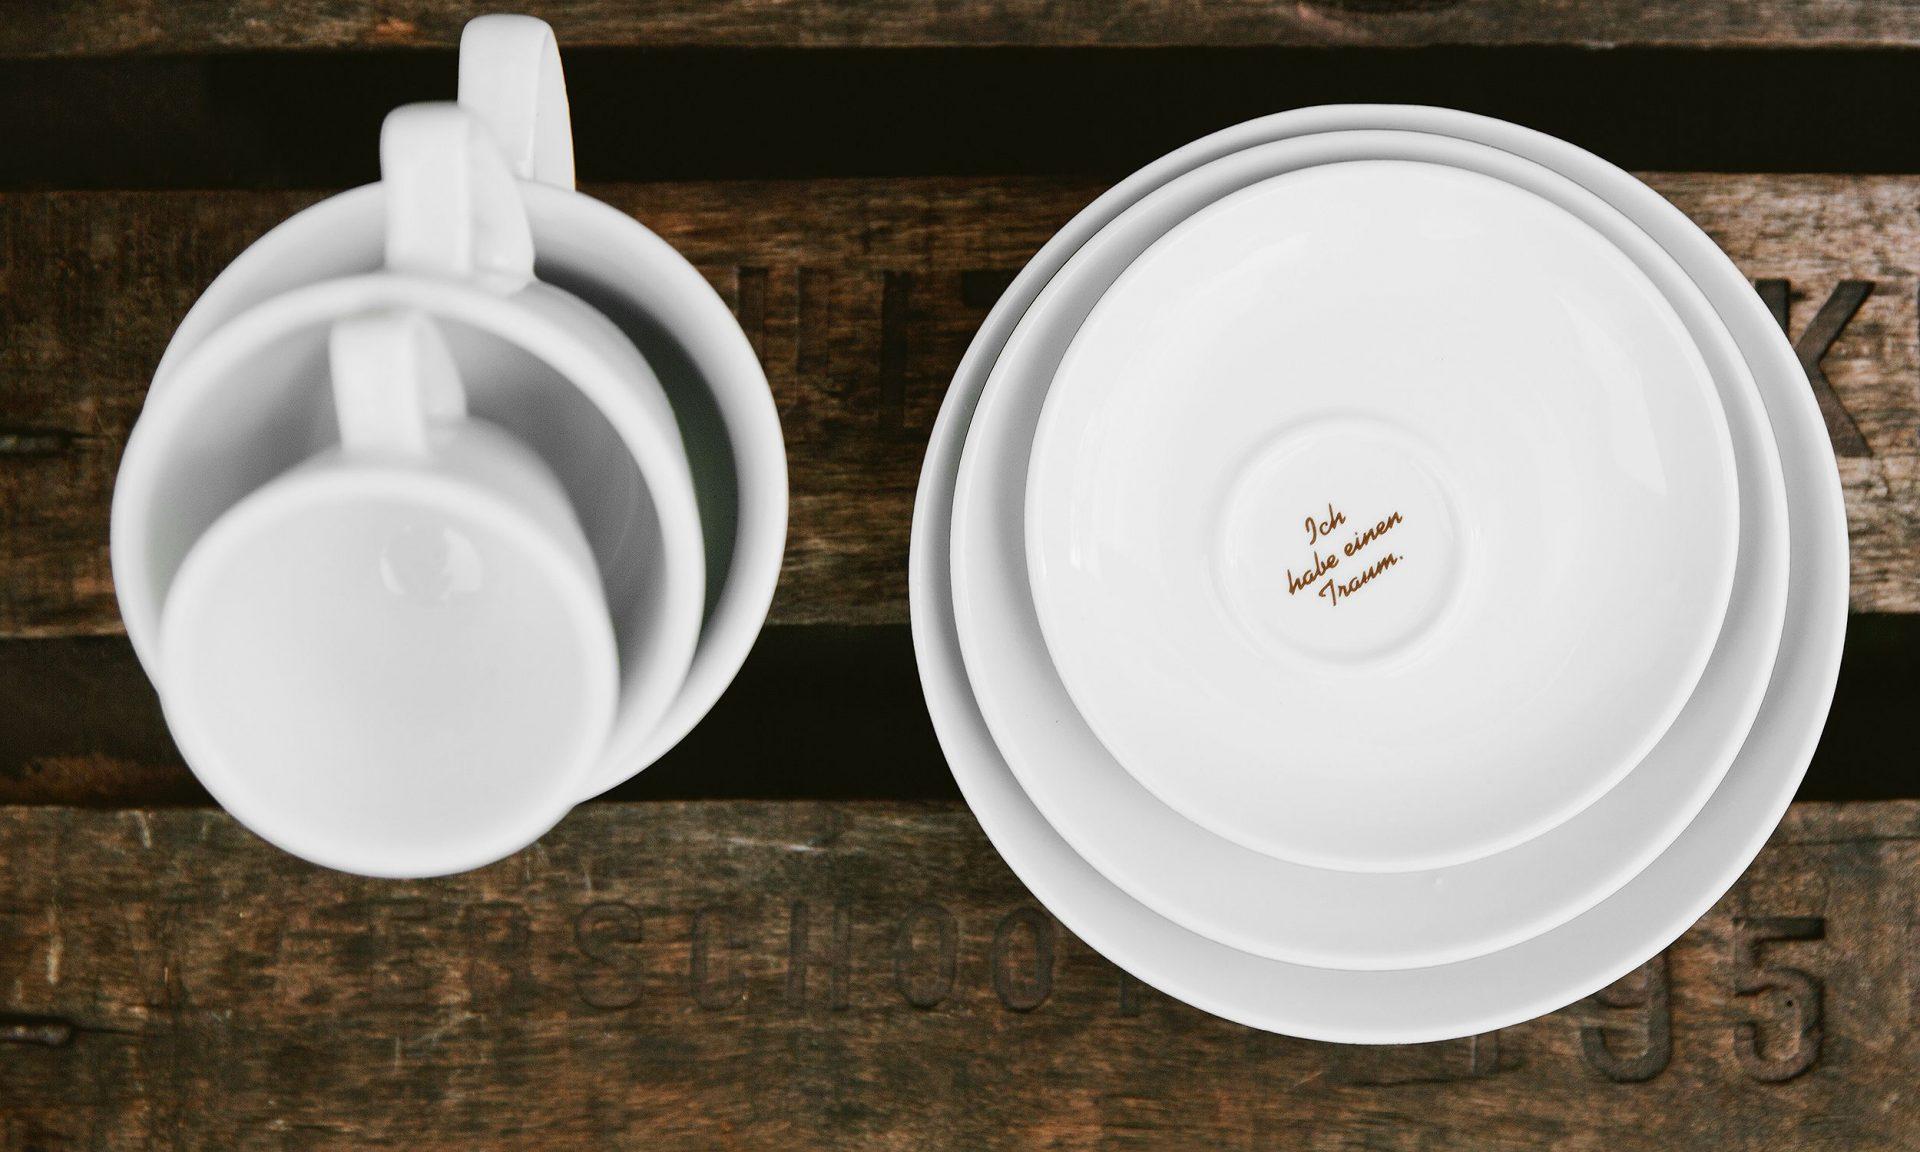 Dein Spruch für unsere Tassen | J. Hornig